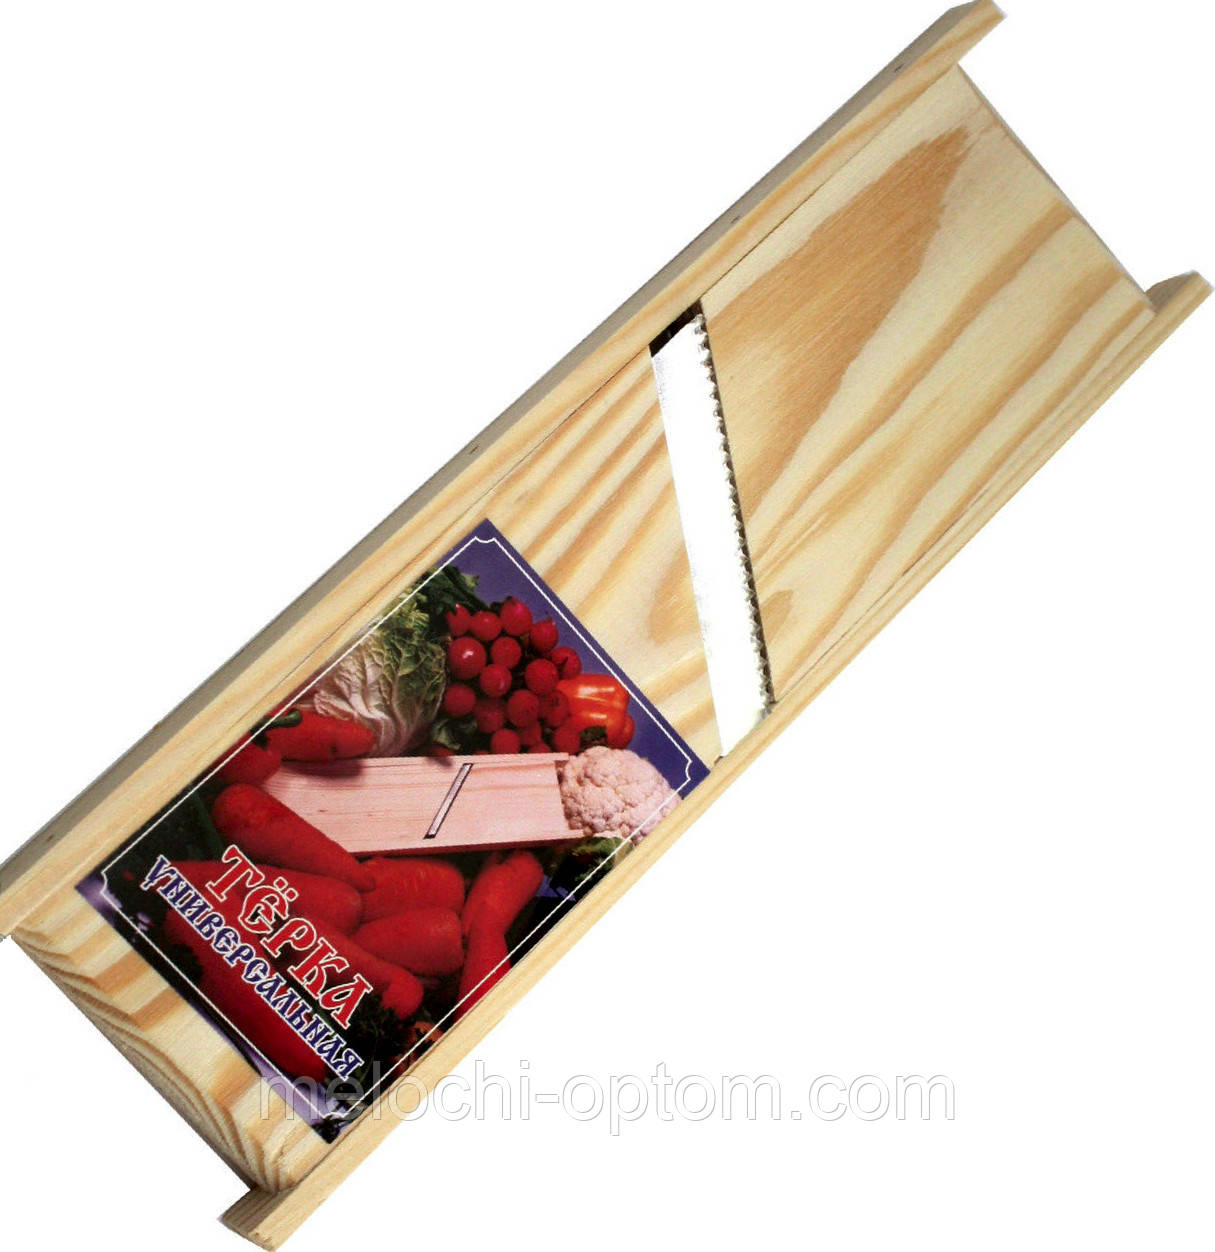 Терки КОРЕЙКА универсальные для овощей (230х70mm) деревянные